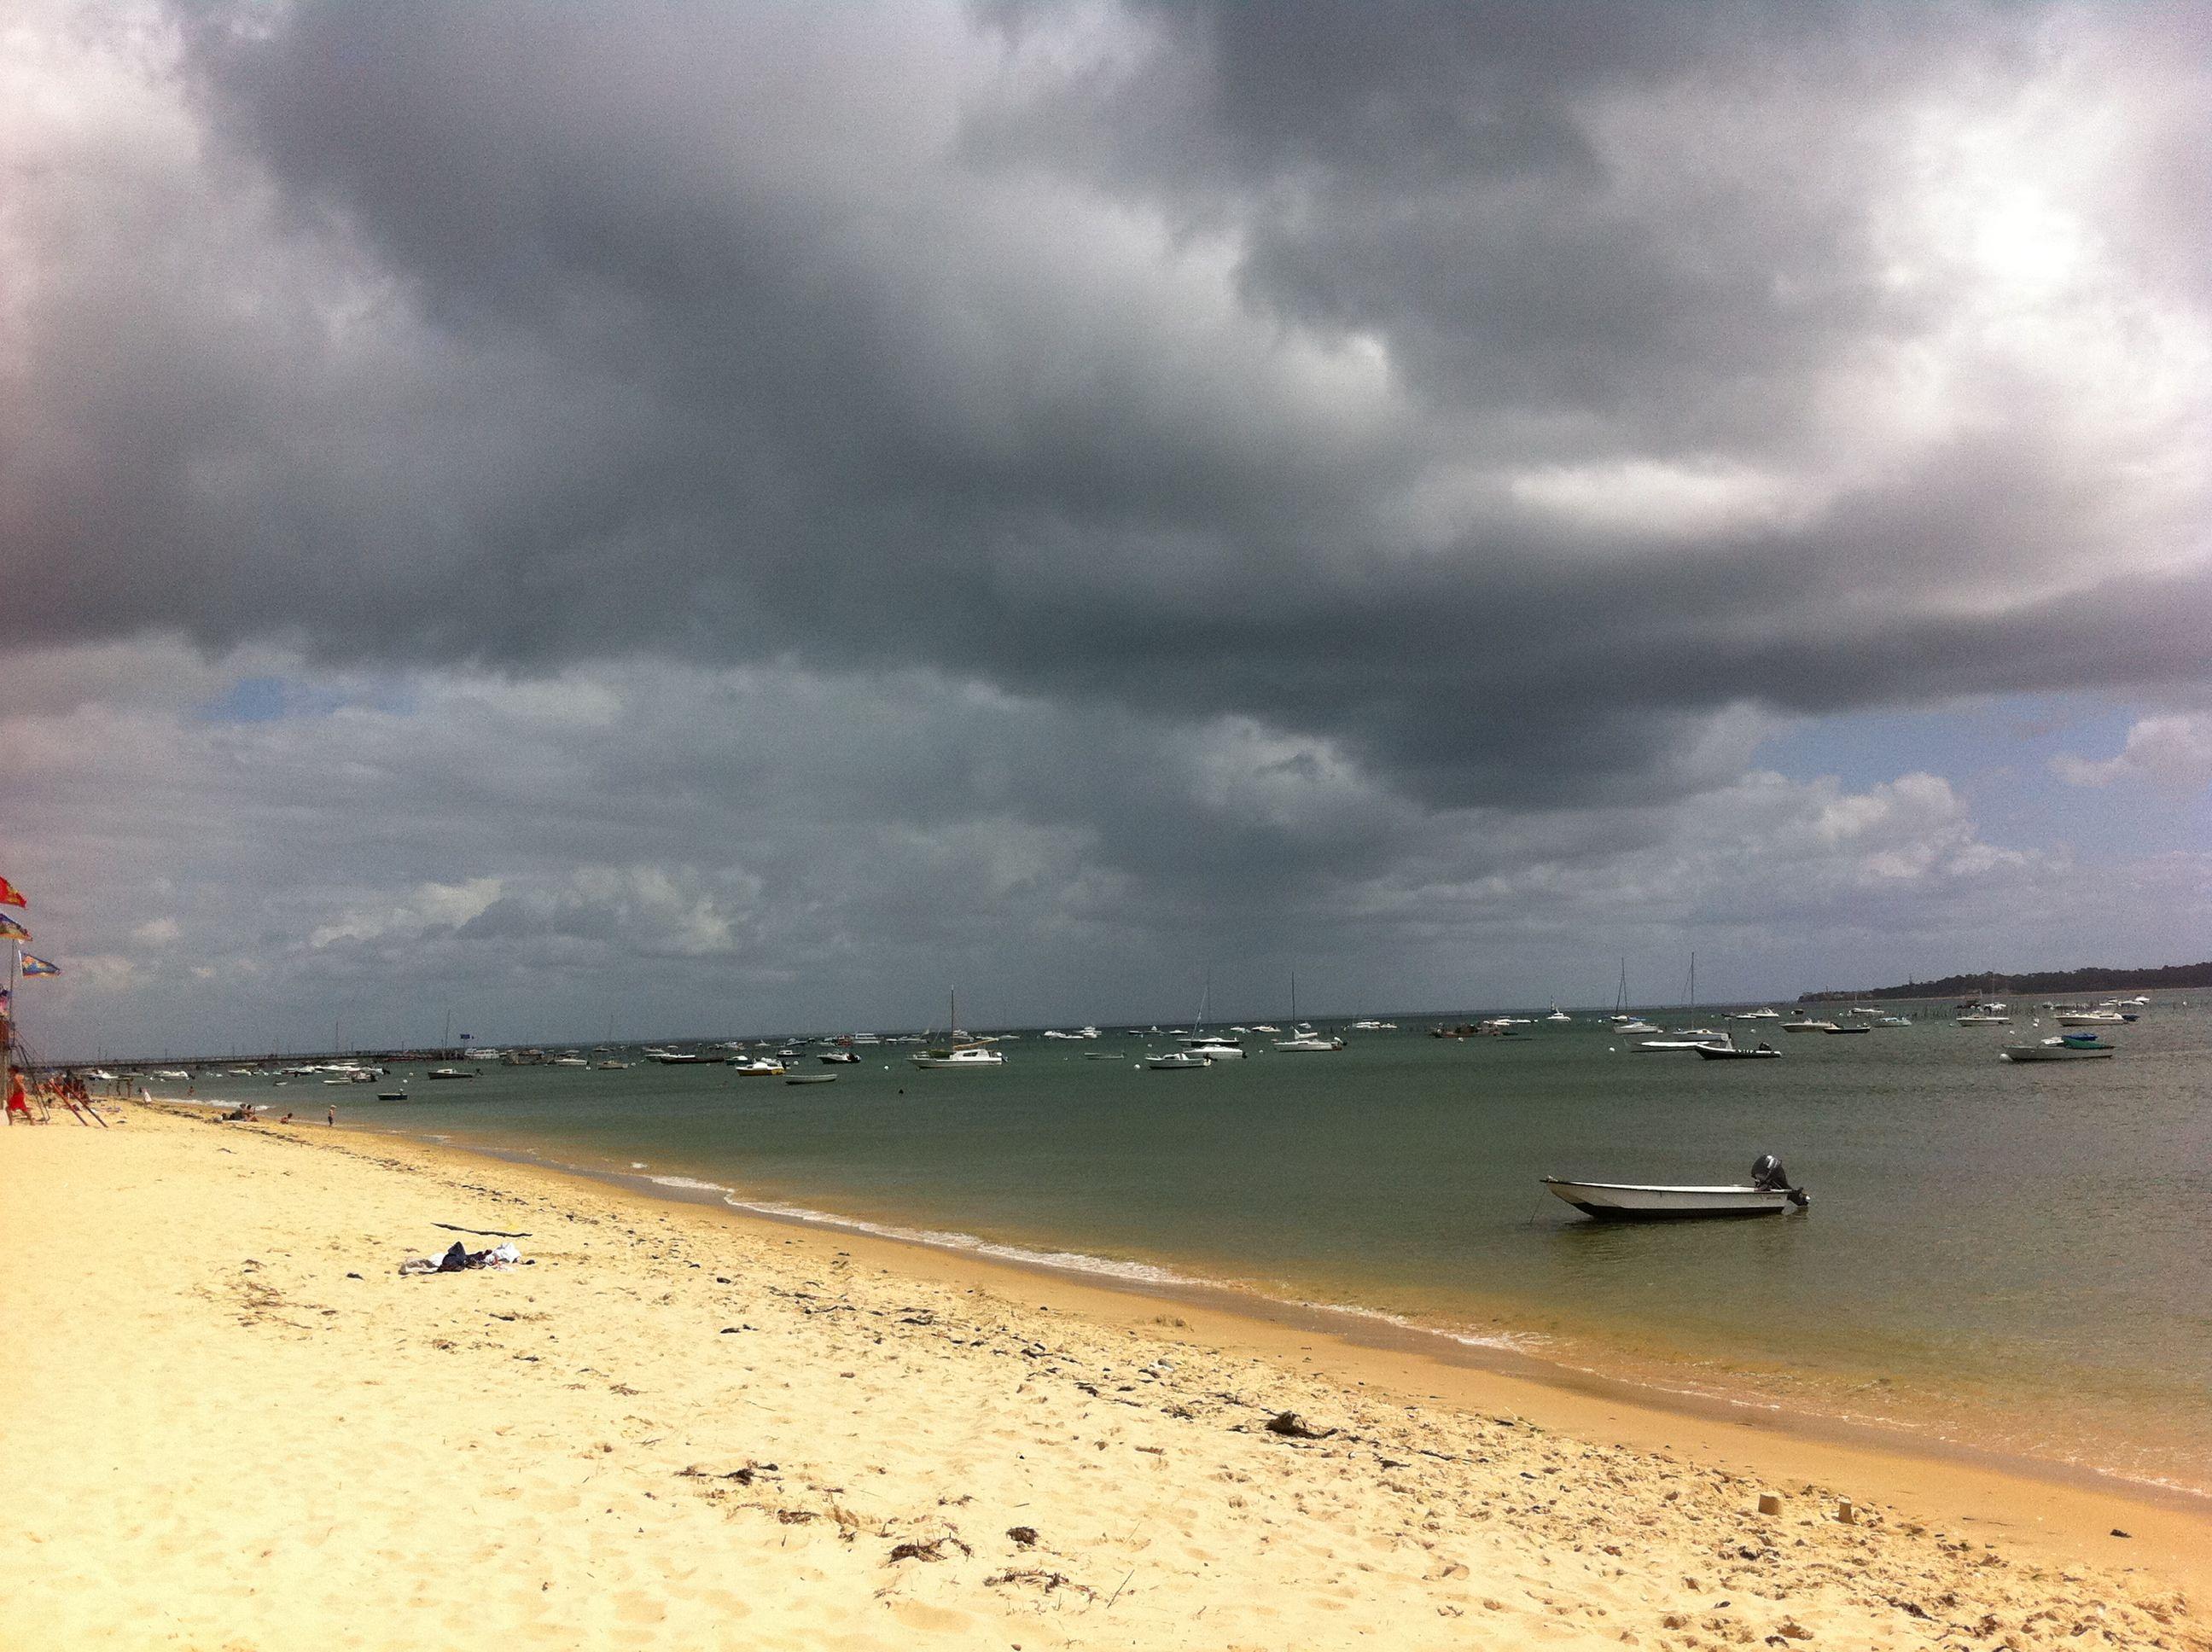 Le calme avant la tempête, Bassin d'Arcachon